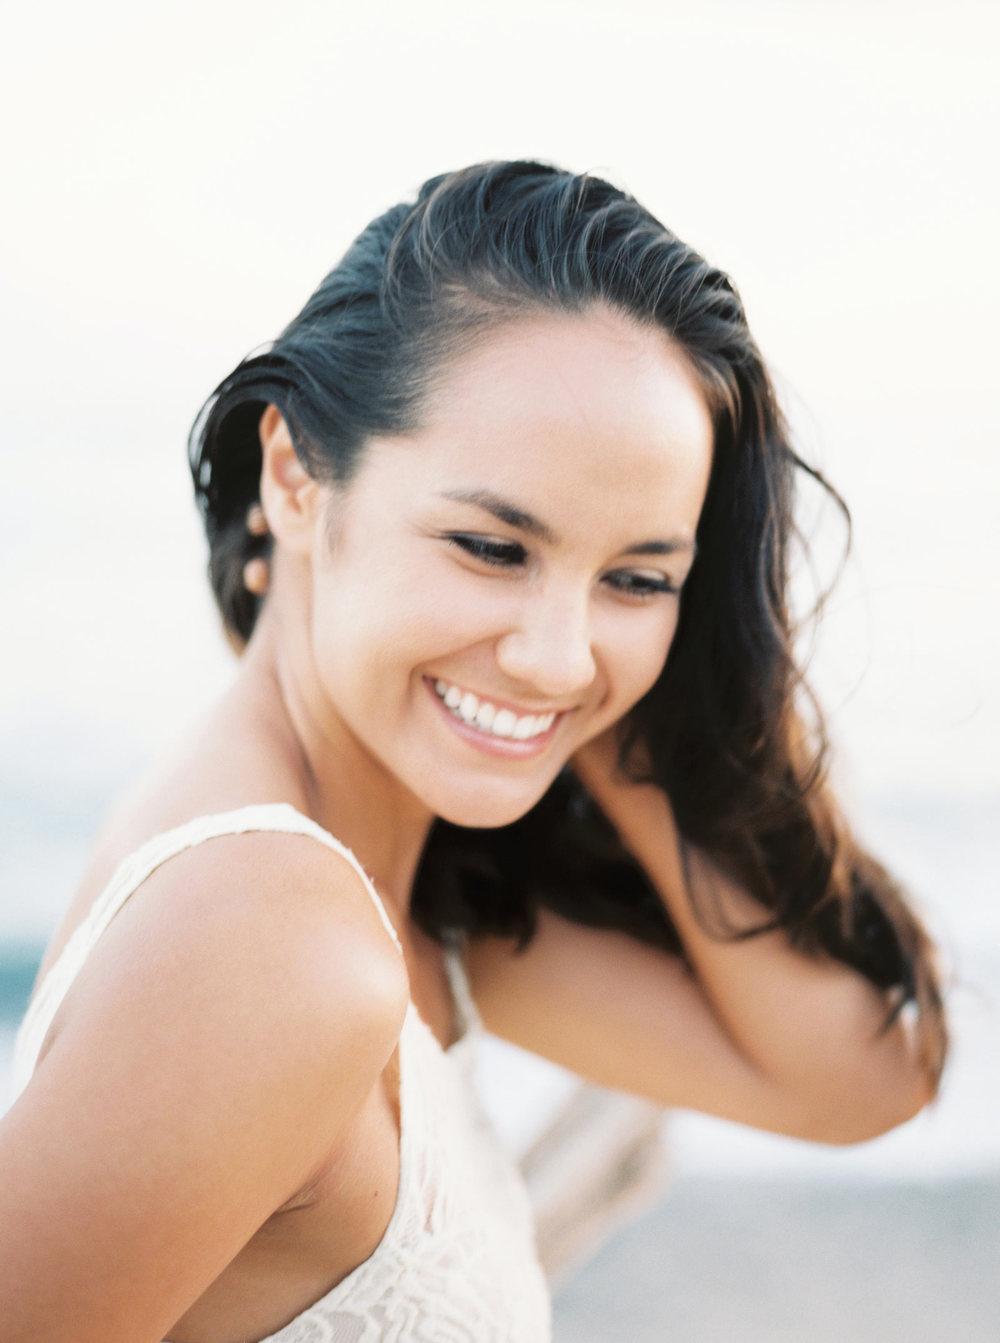 Maui-portrait-photos-020.jpg